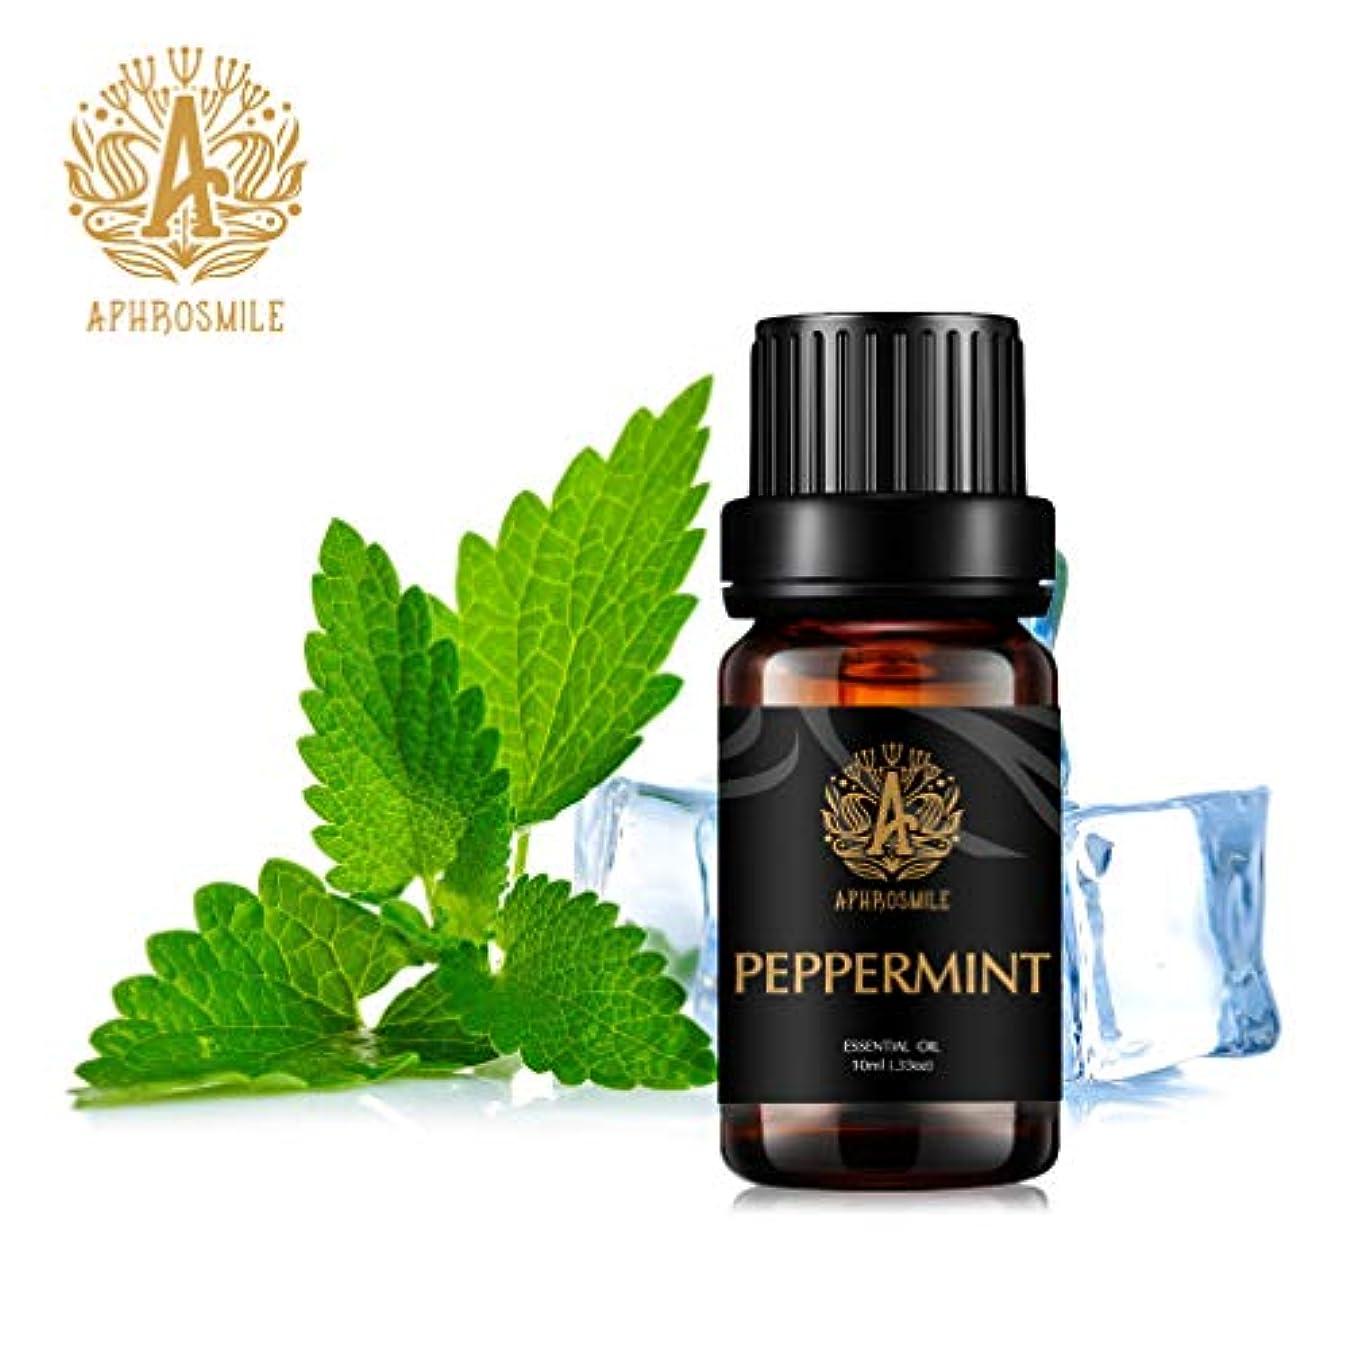 バラエティ煩わしいパーツペパーミントの精油、100%純粋なアロマセラピーエッセンシャルオイルペパーミントの香り、明確な思考と、治療用グレードエッセンシャルオイルペパーミントの香り為にディフューザー、マッサージ、加湿器、デイリーケア、0.33オンス...